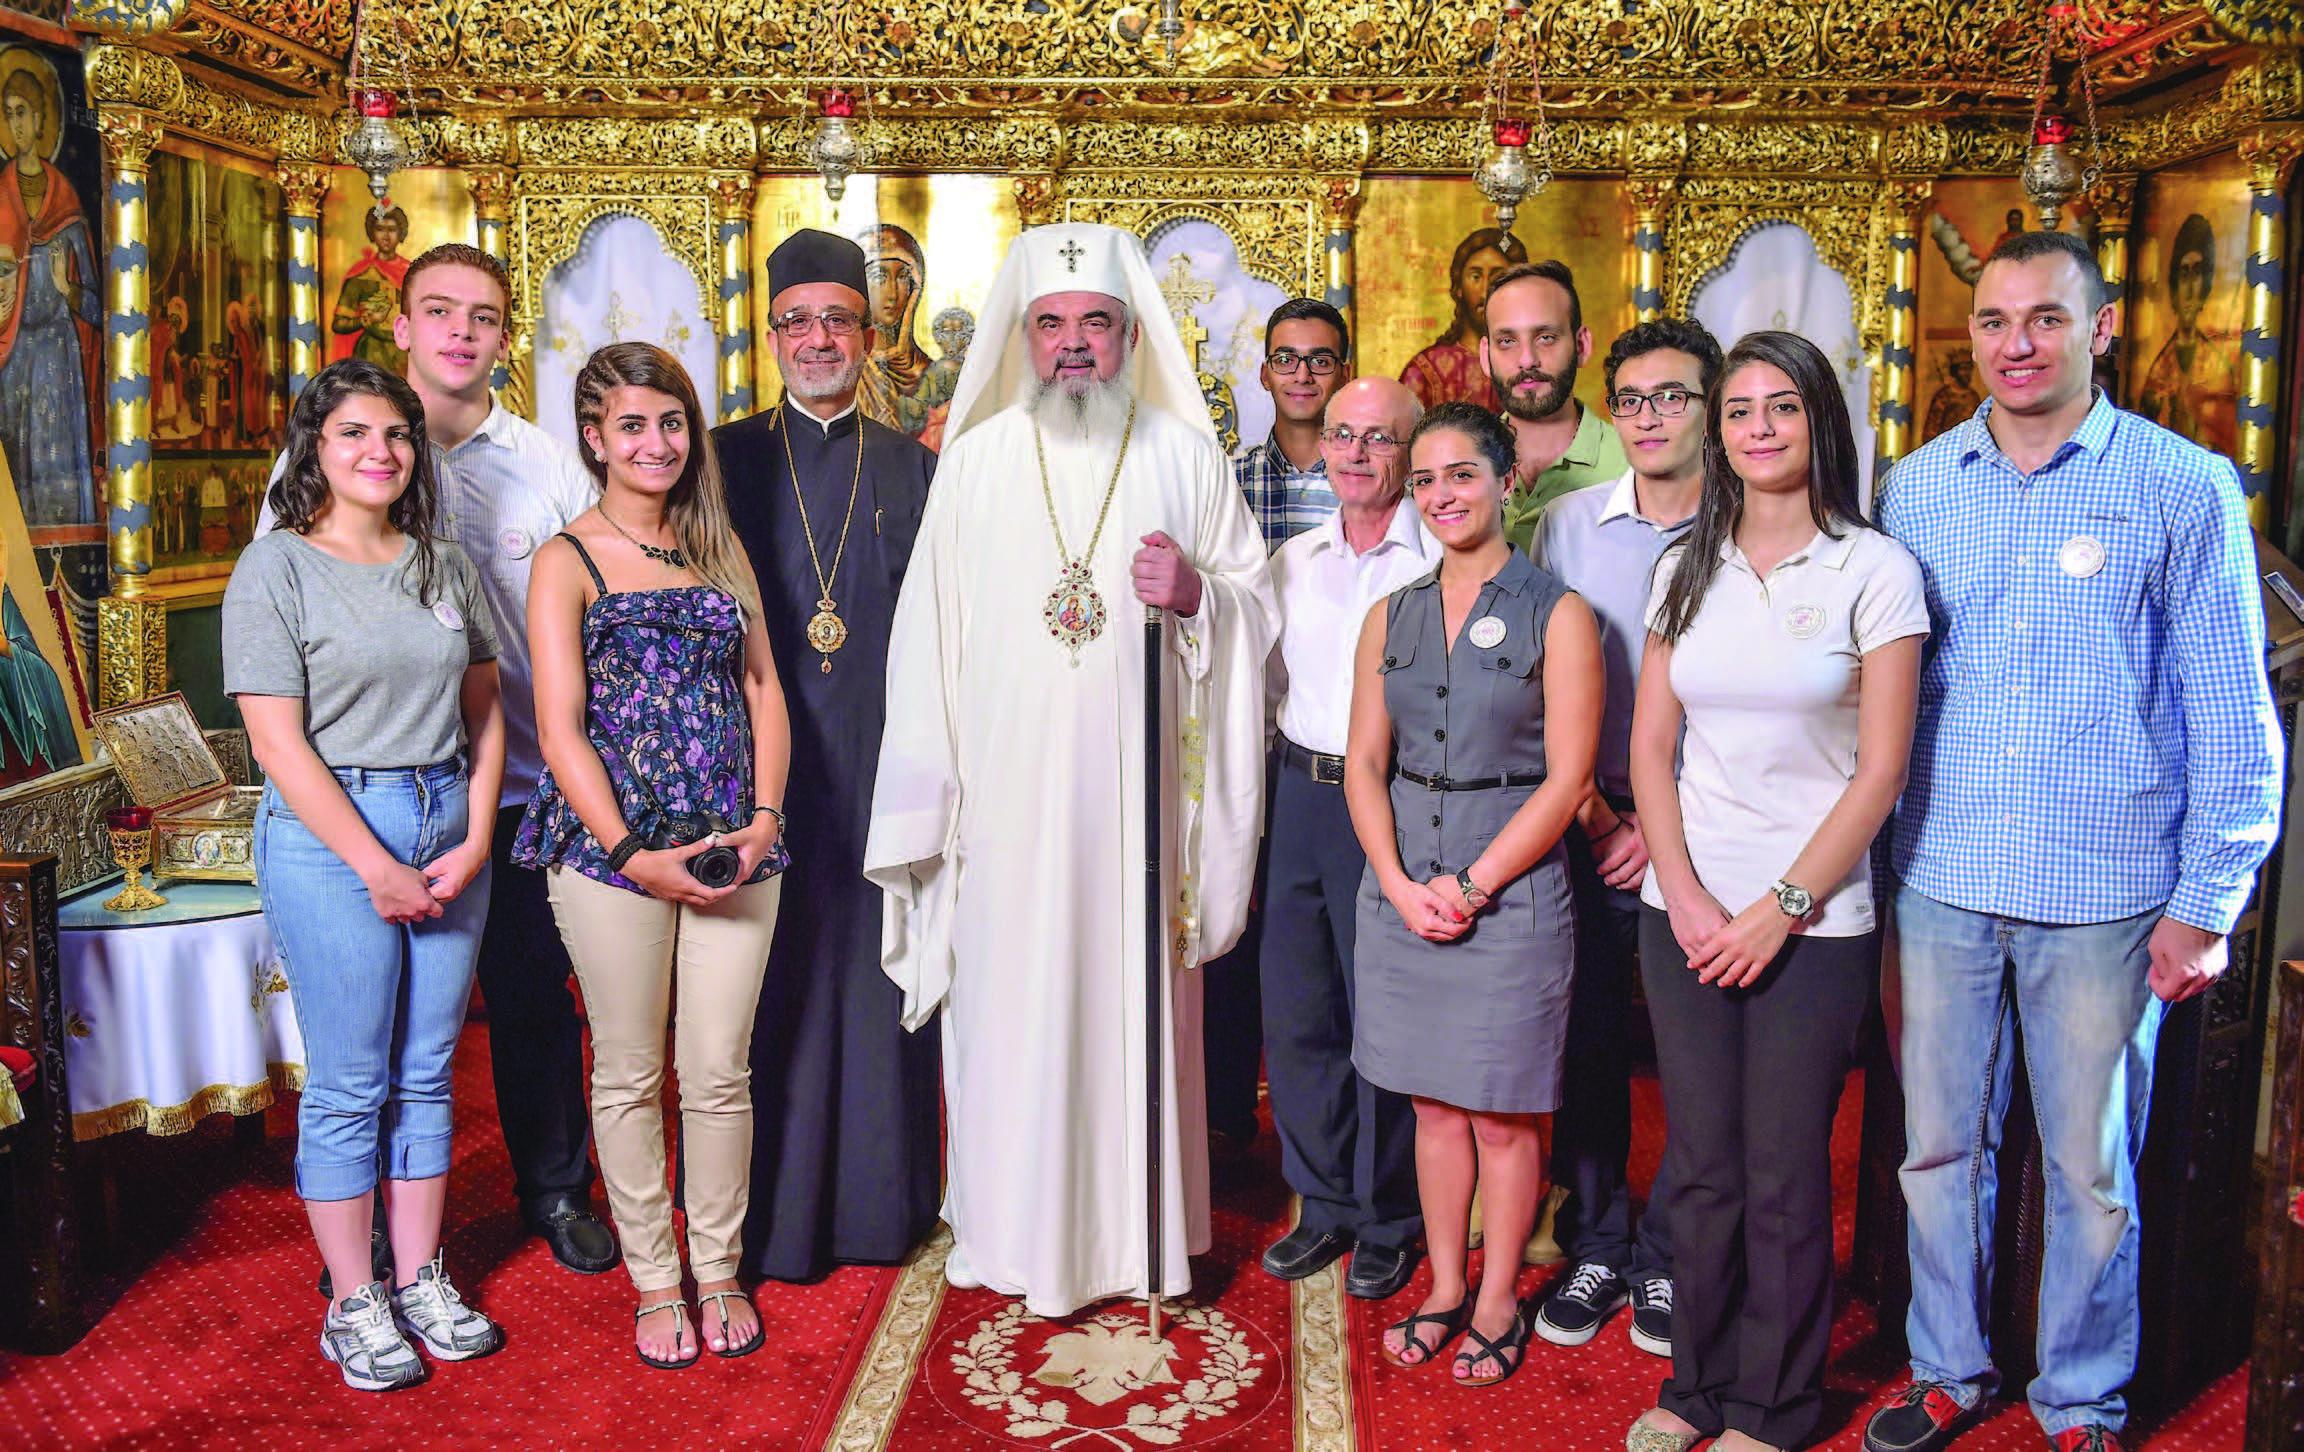 Tineri iordanieni în vizită la Patriarhia Română